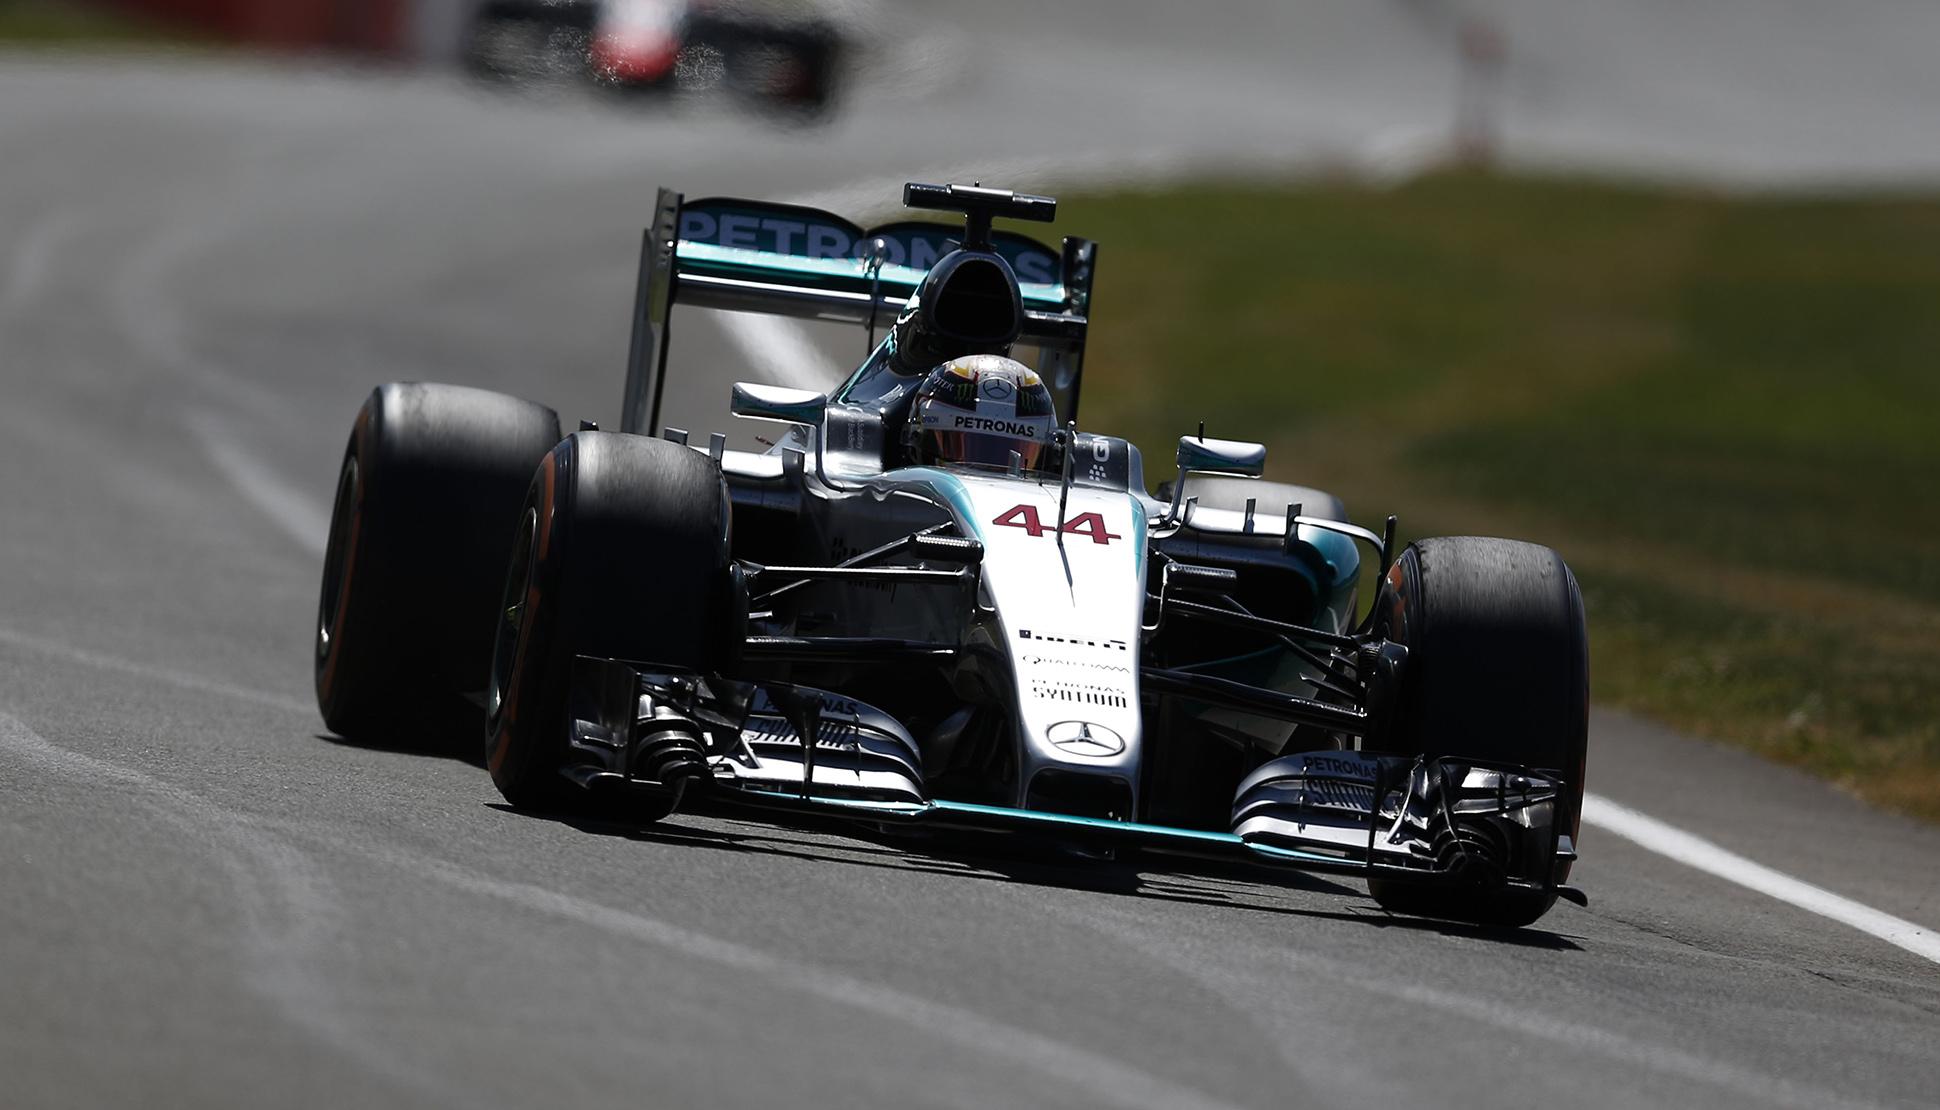 Hamilton steht in Silverstone auf Pole. Copyright: Mercedes